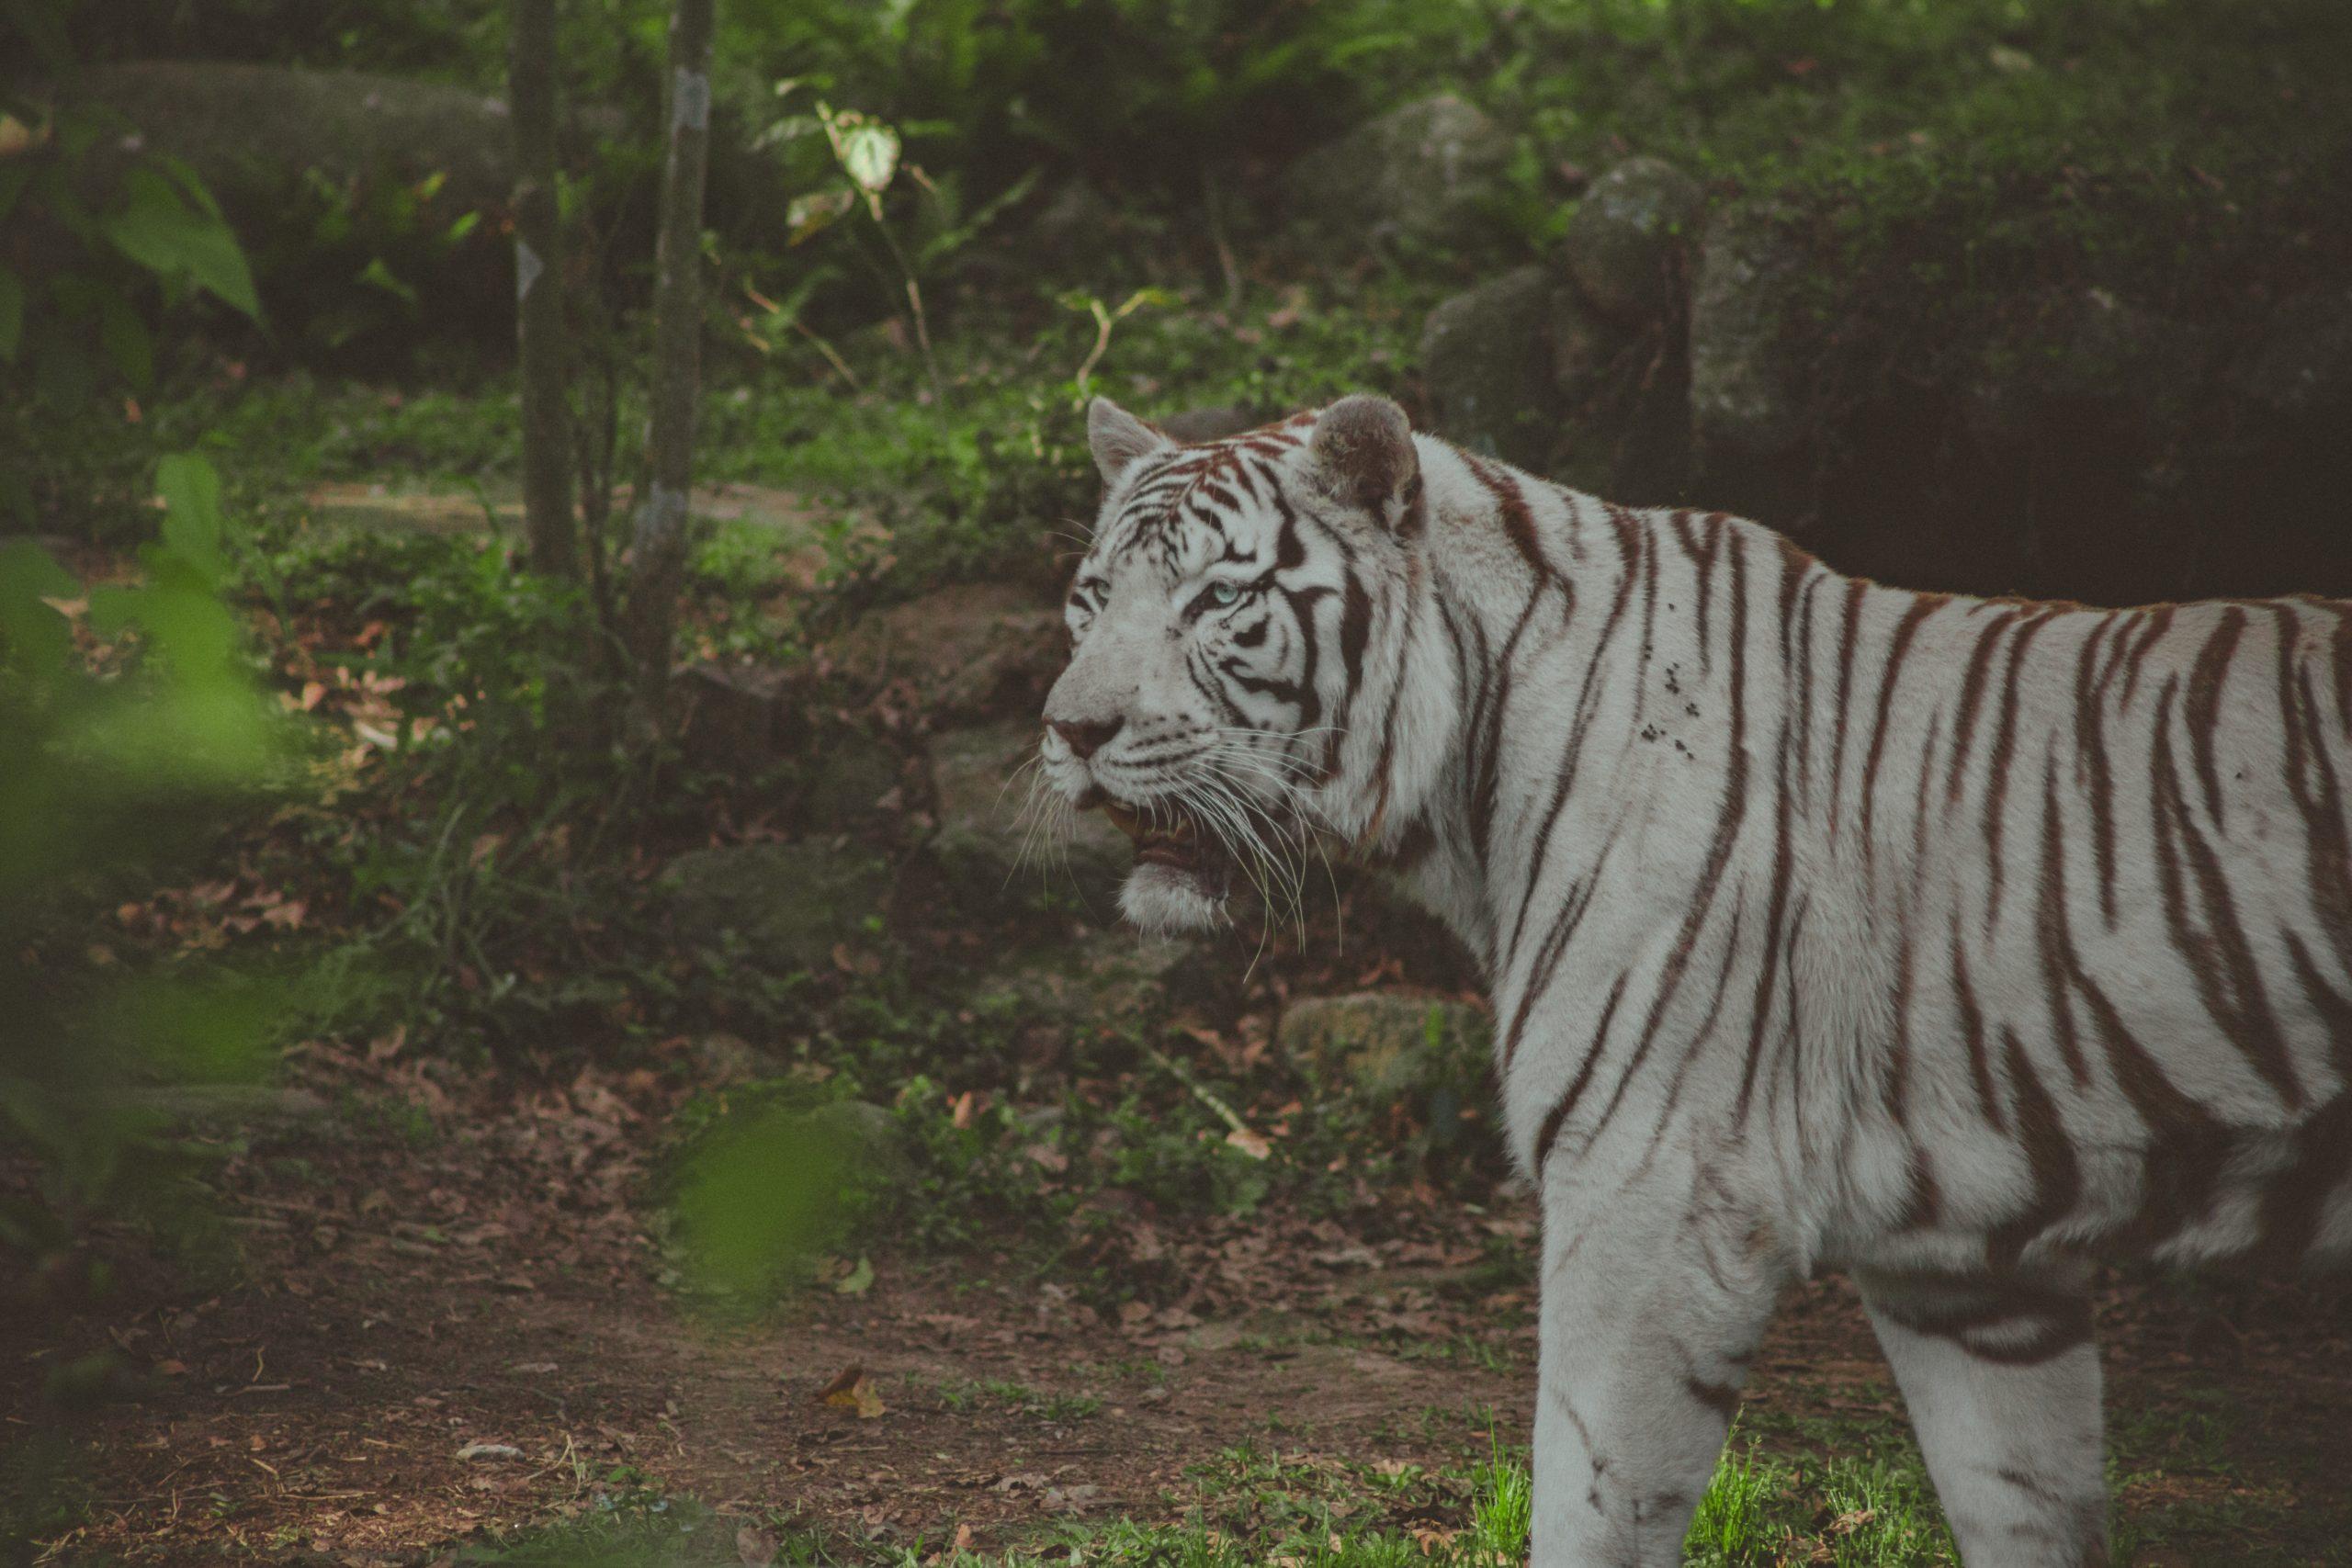 albino animals tiger